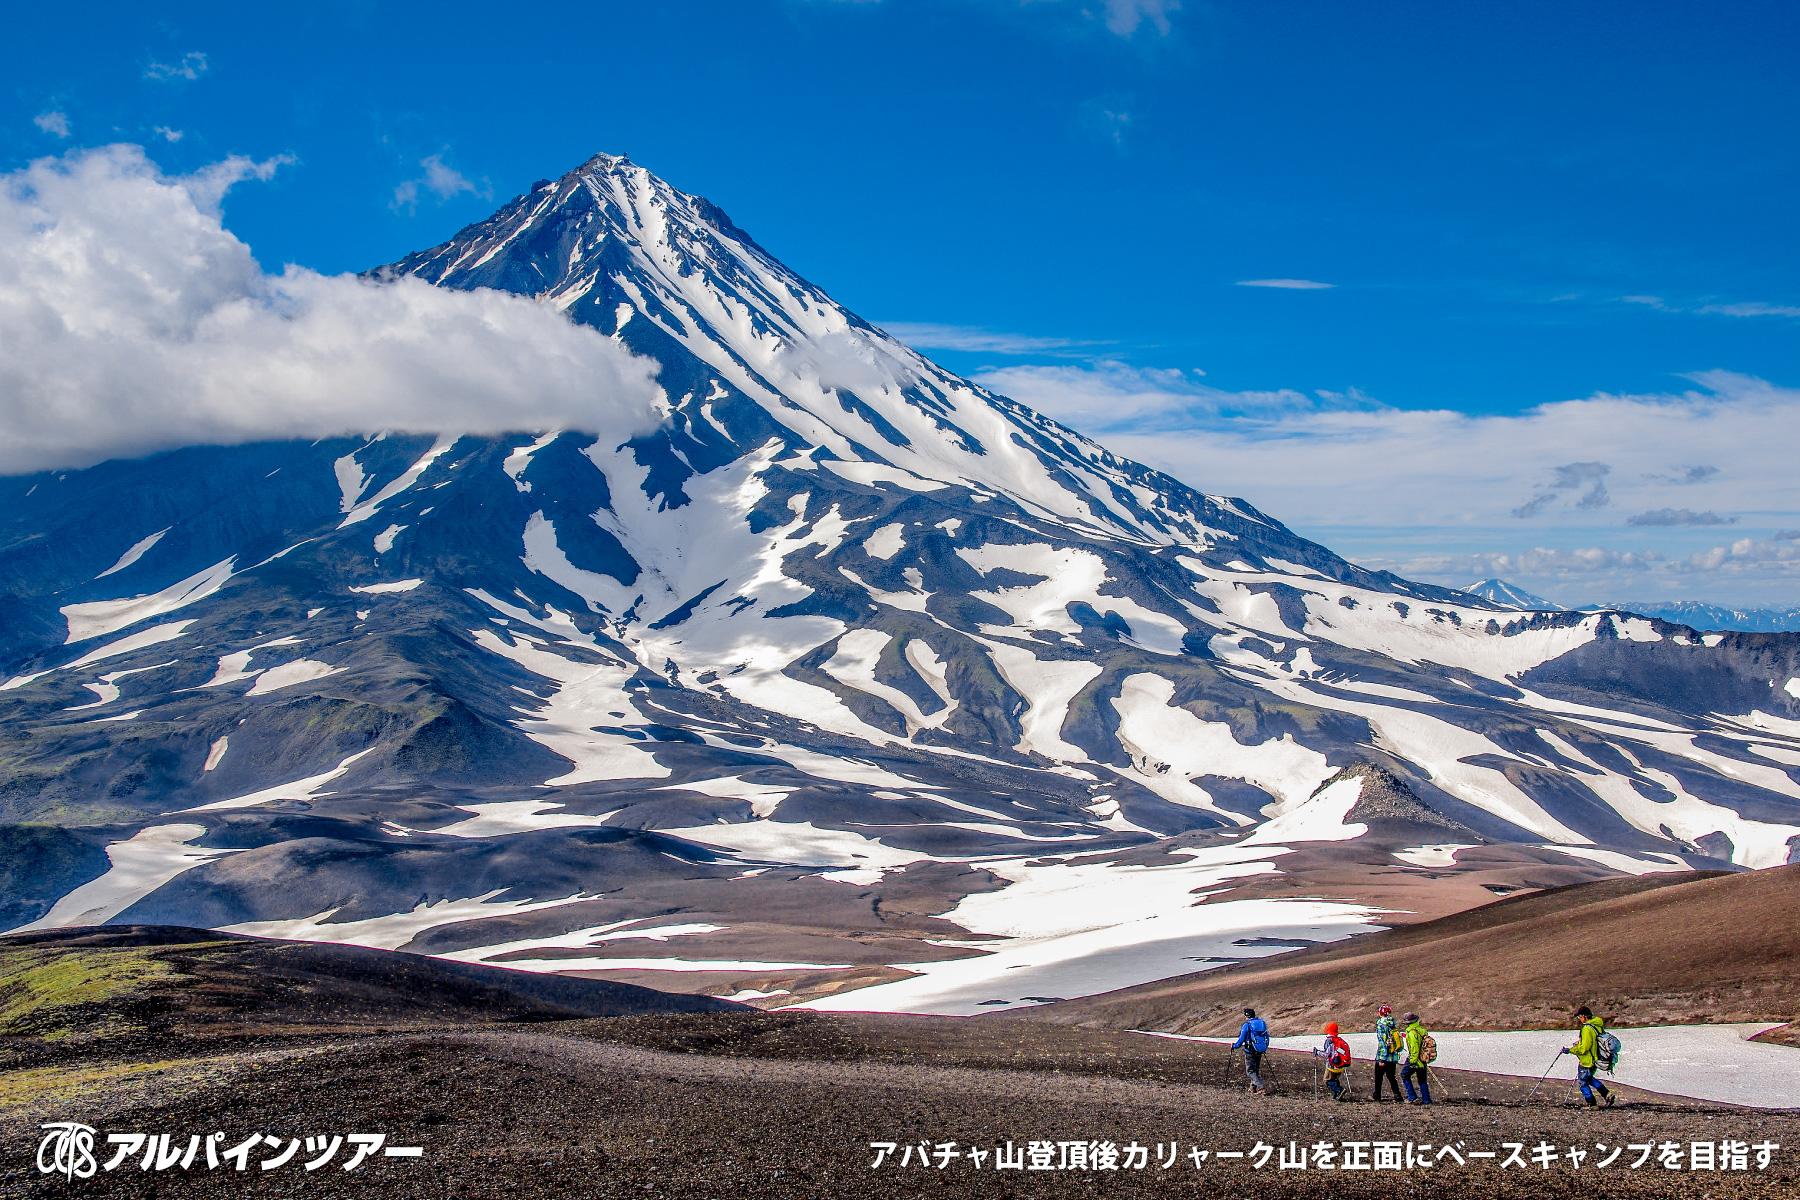 【エリア紹介】 アバチャ山登頂(ロシア・カムチャッカ)